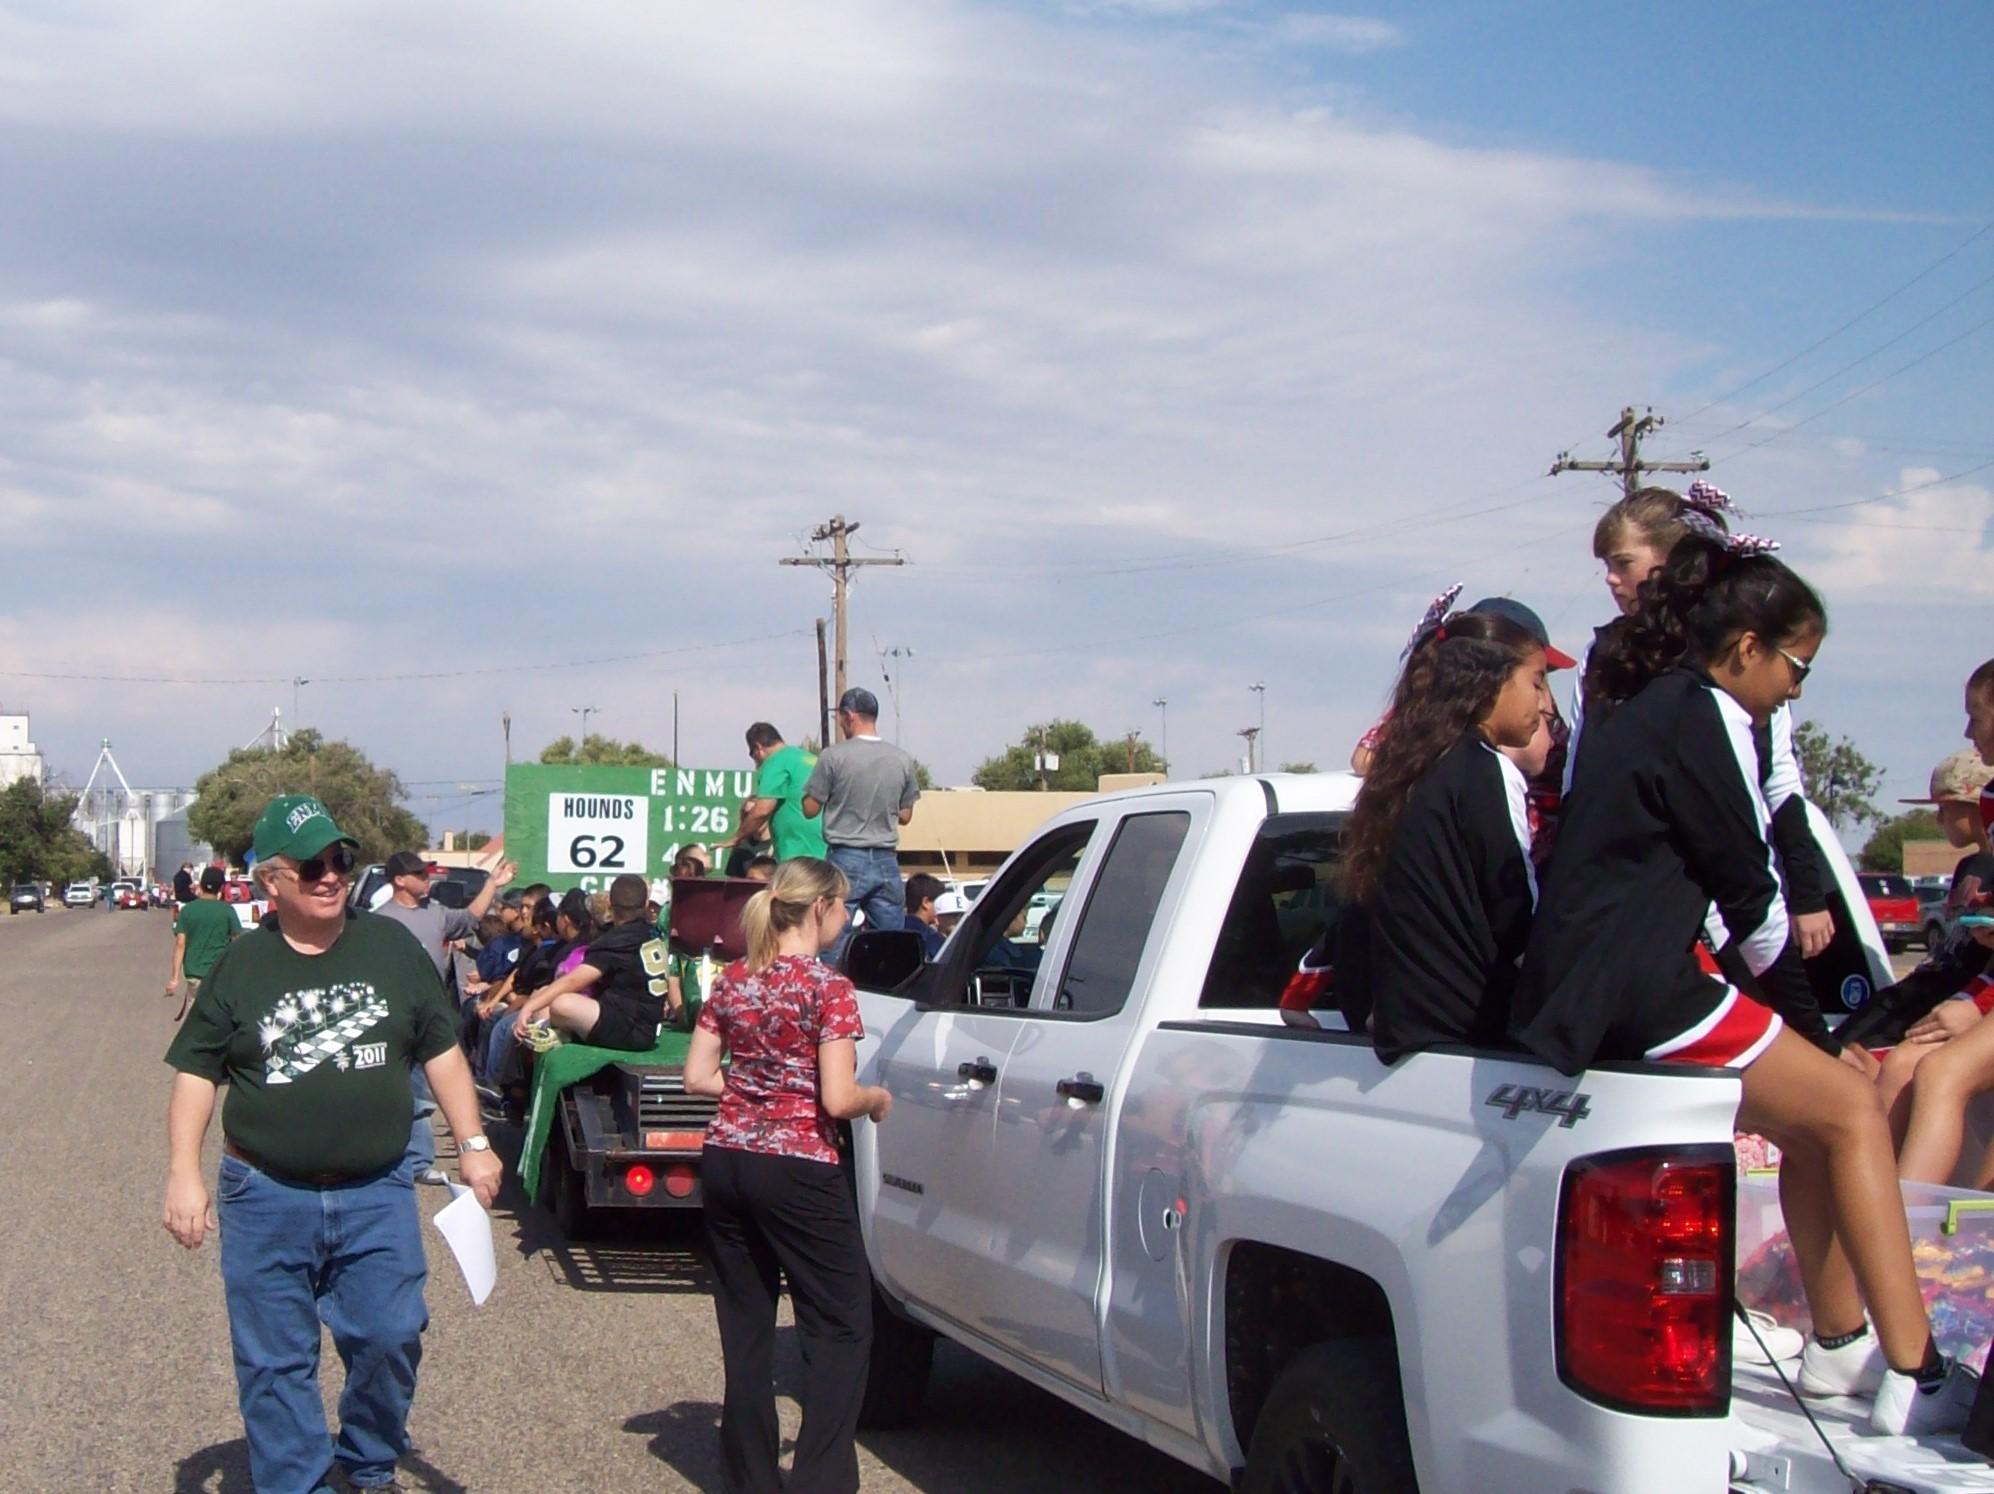 Parade Coordination